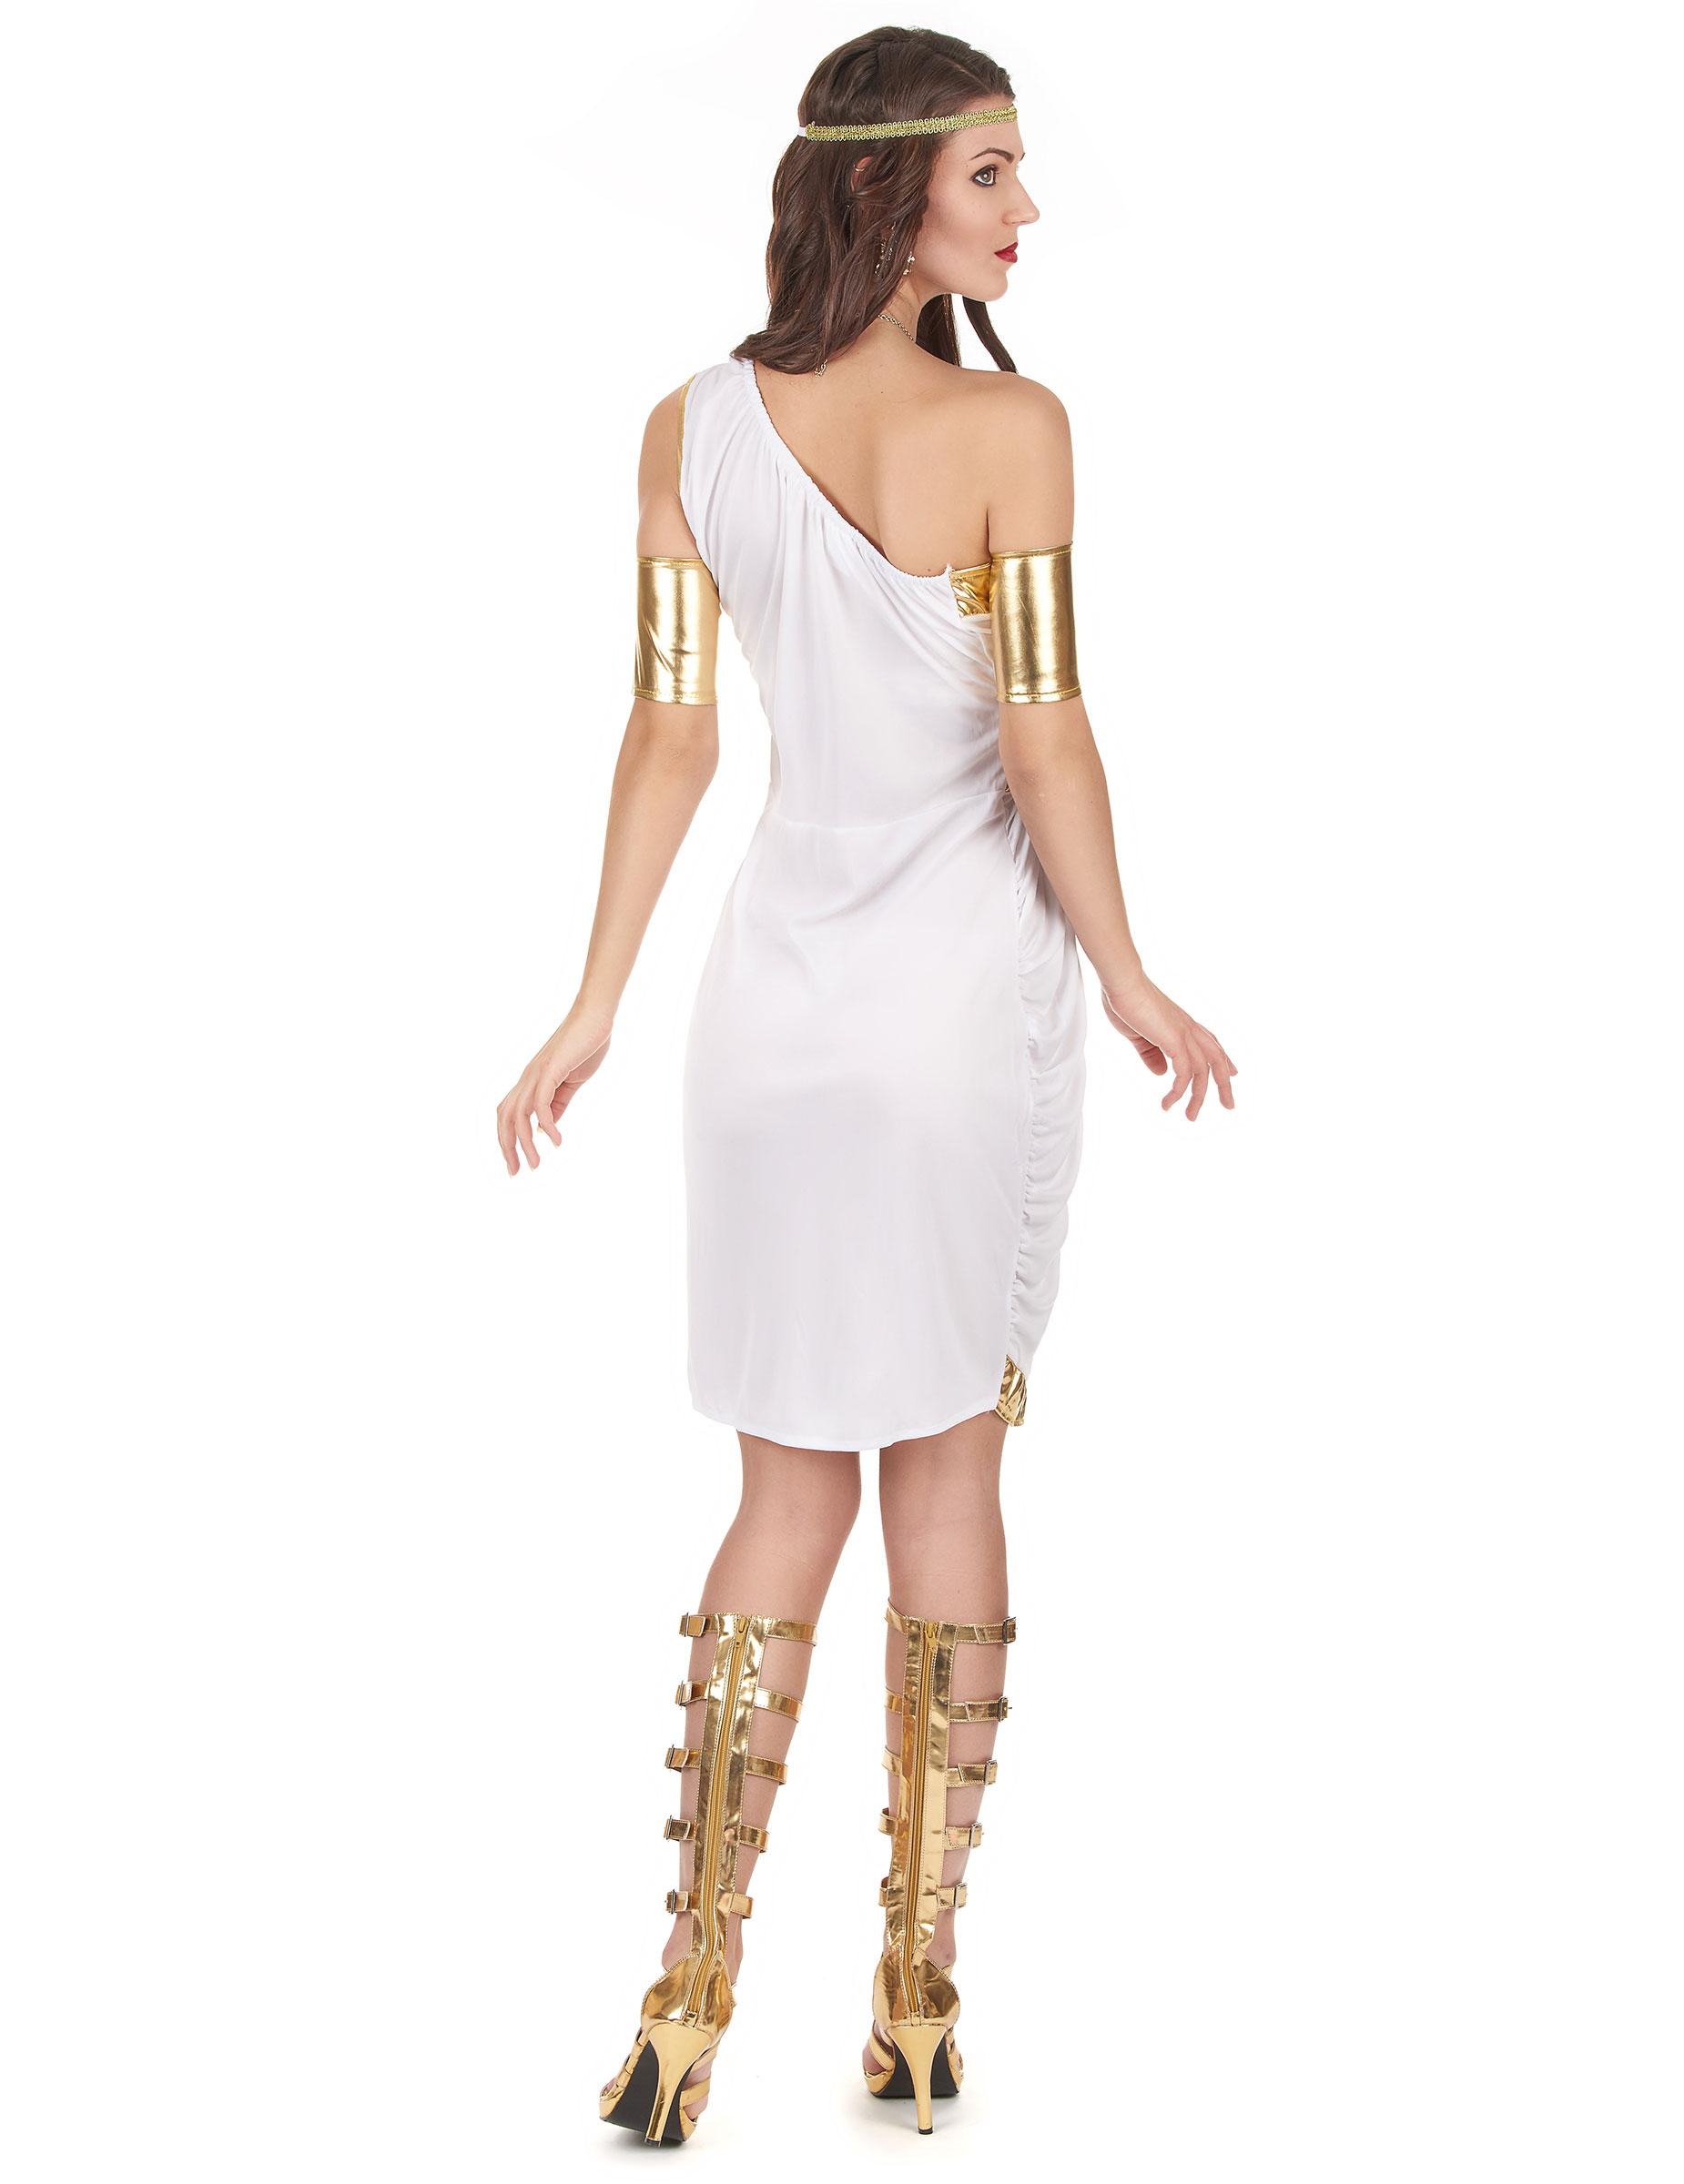 Græsk gudinde kostume, køb Kostumer til voksne på Vegaoo.dk